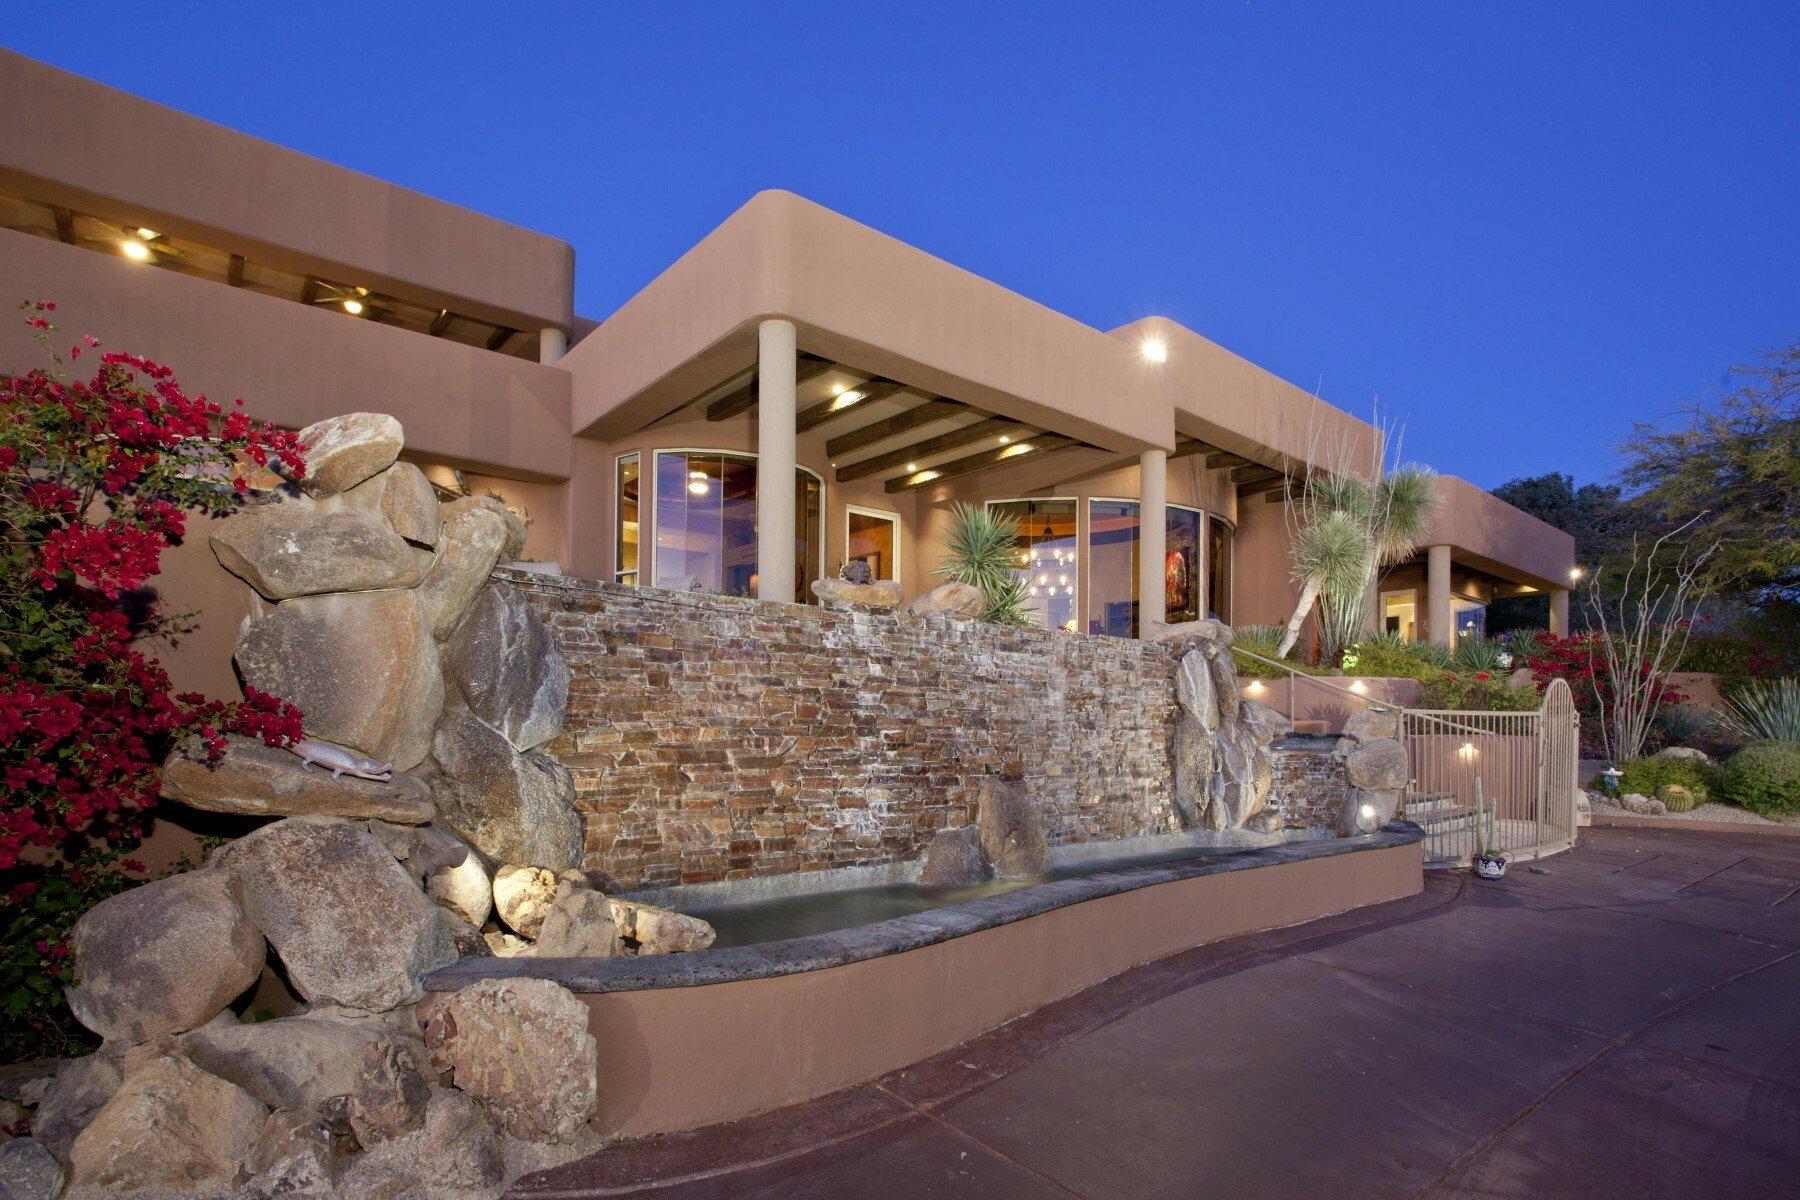 House in Carefree, Arizona, United States 1